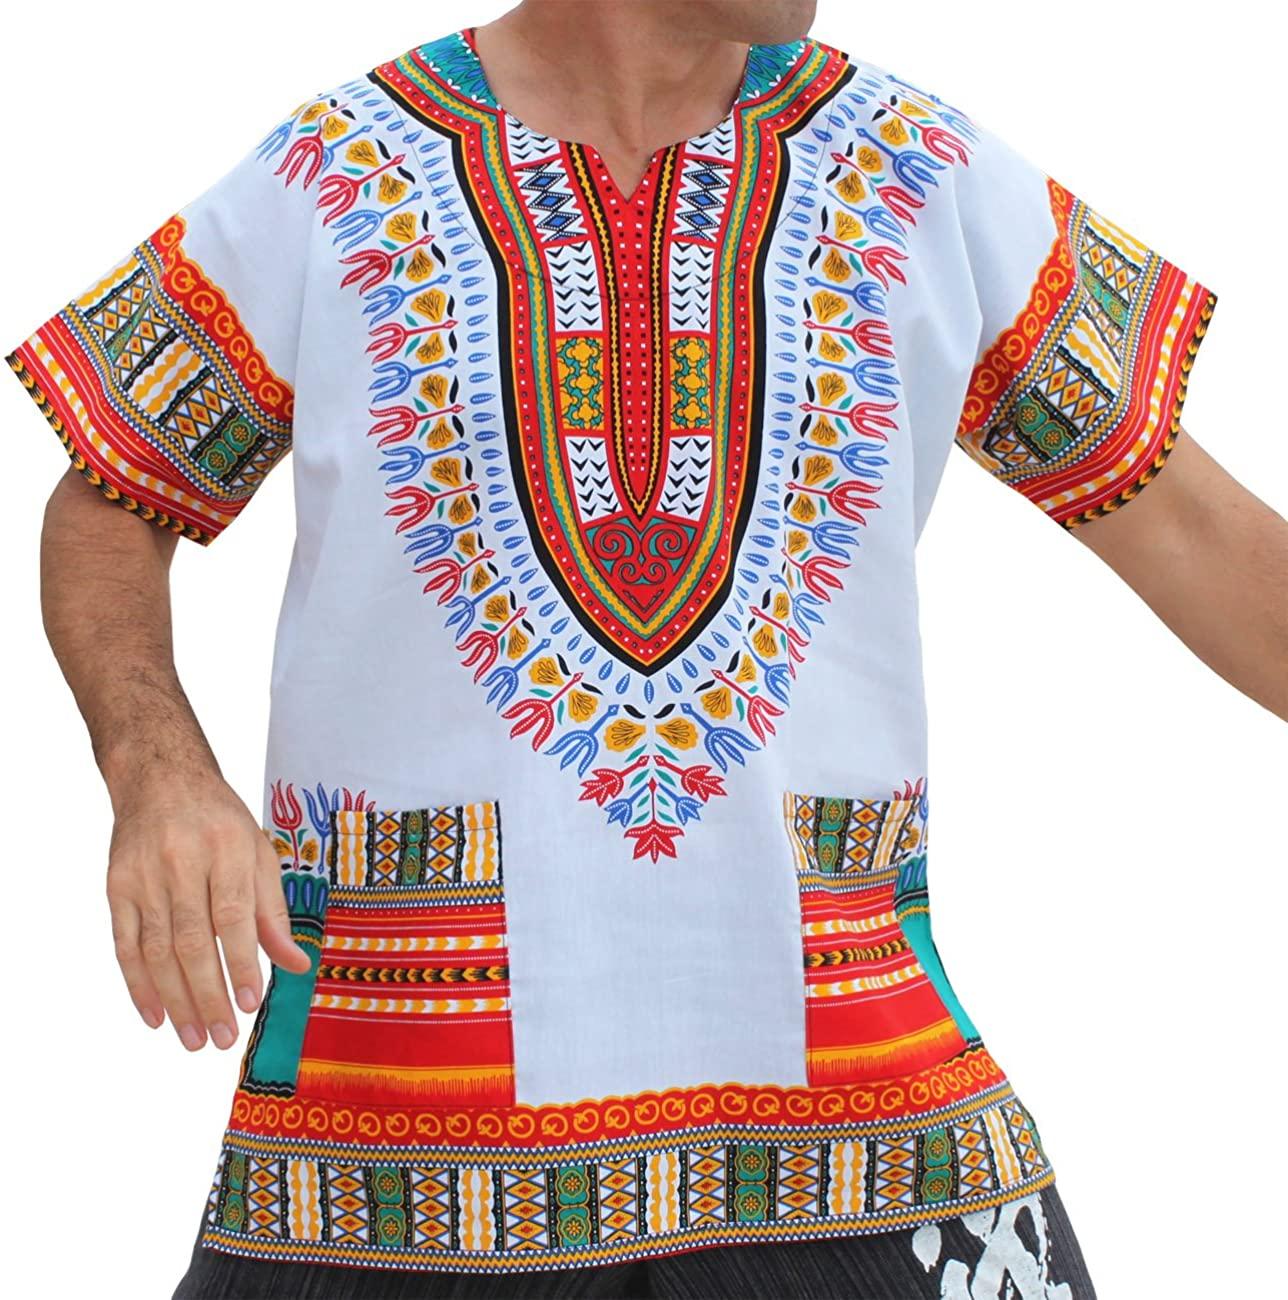 RaanPahMuang Unisex Bright Africa White Dashiki Cotton Plus Size Shirt, XXXXXXX-Large, Red/White